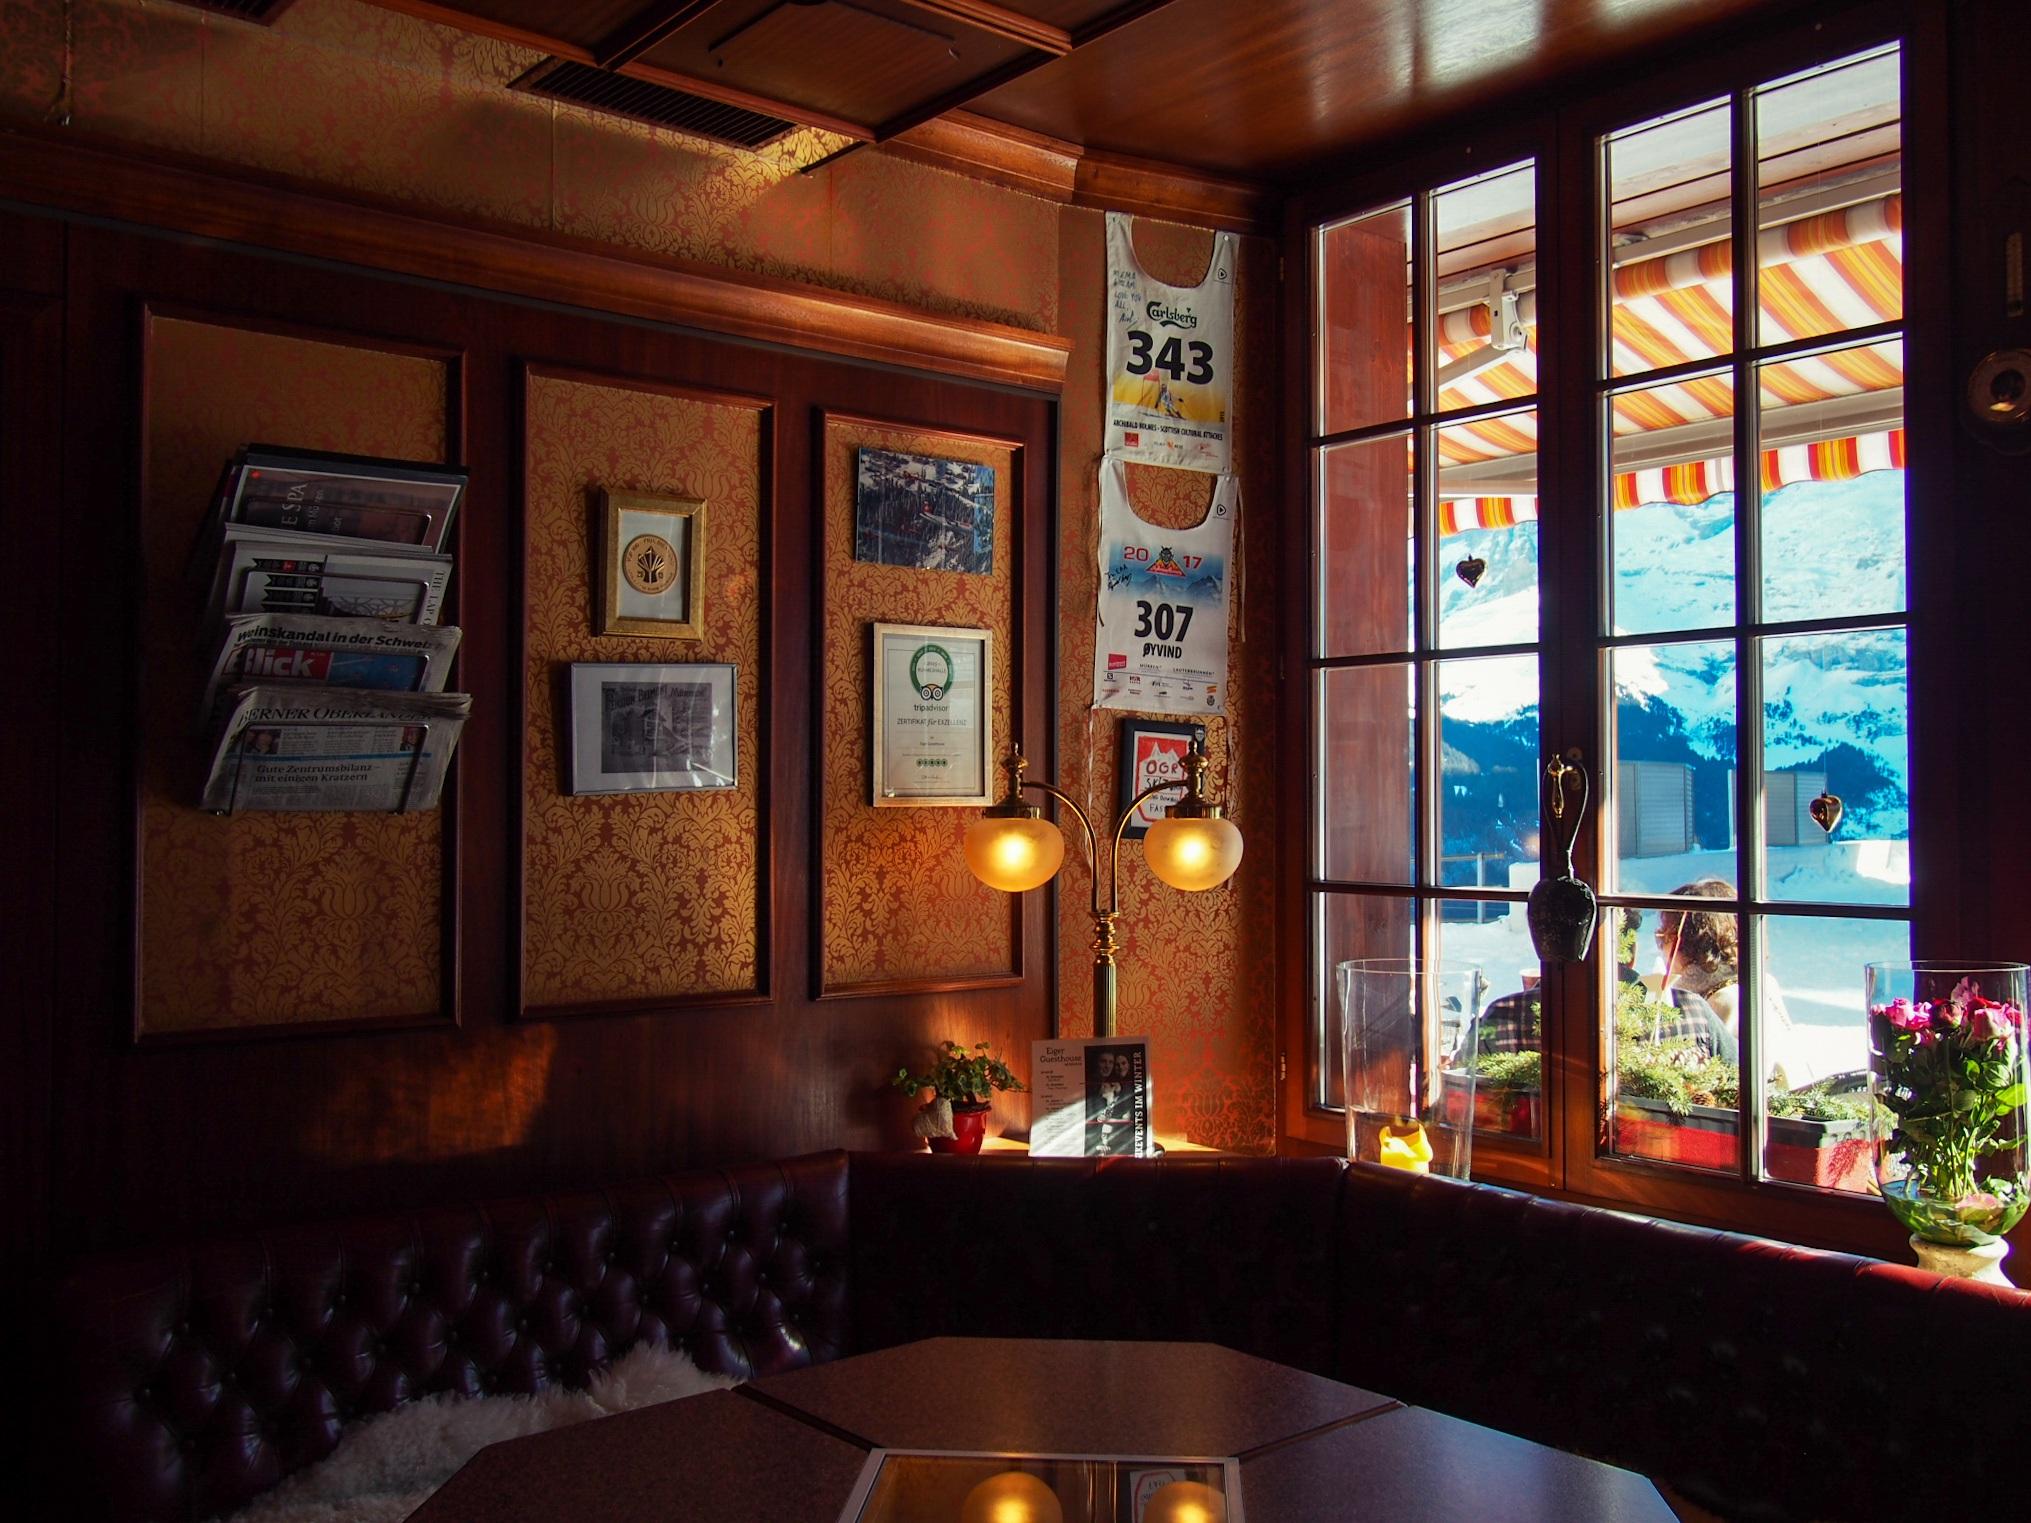 Kostenlose foto : Cafe, Villa, Fenster, Atmosphäre, Zuhause ...